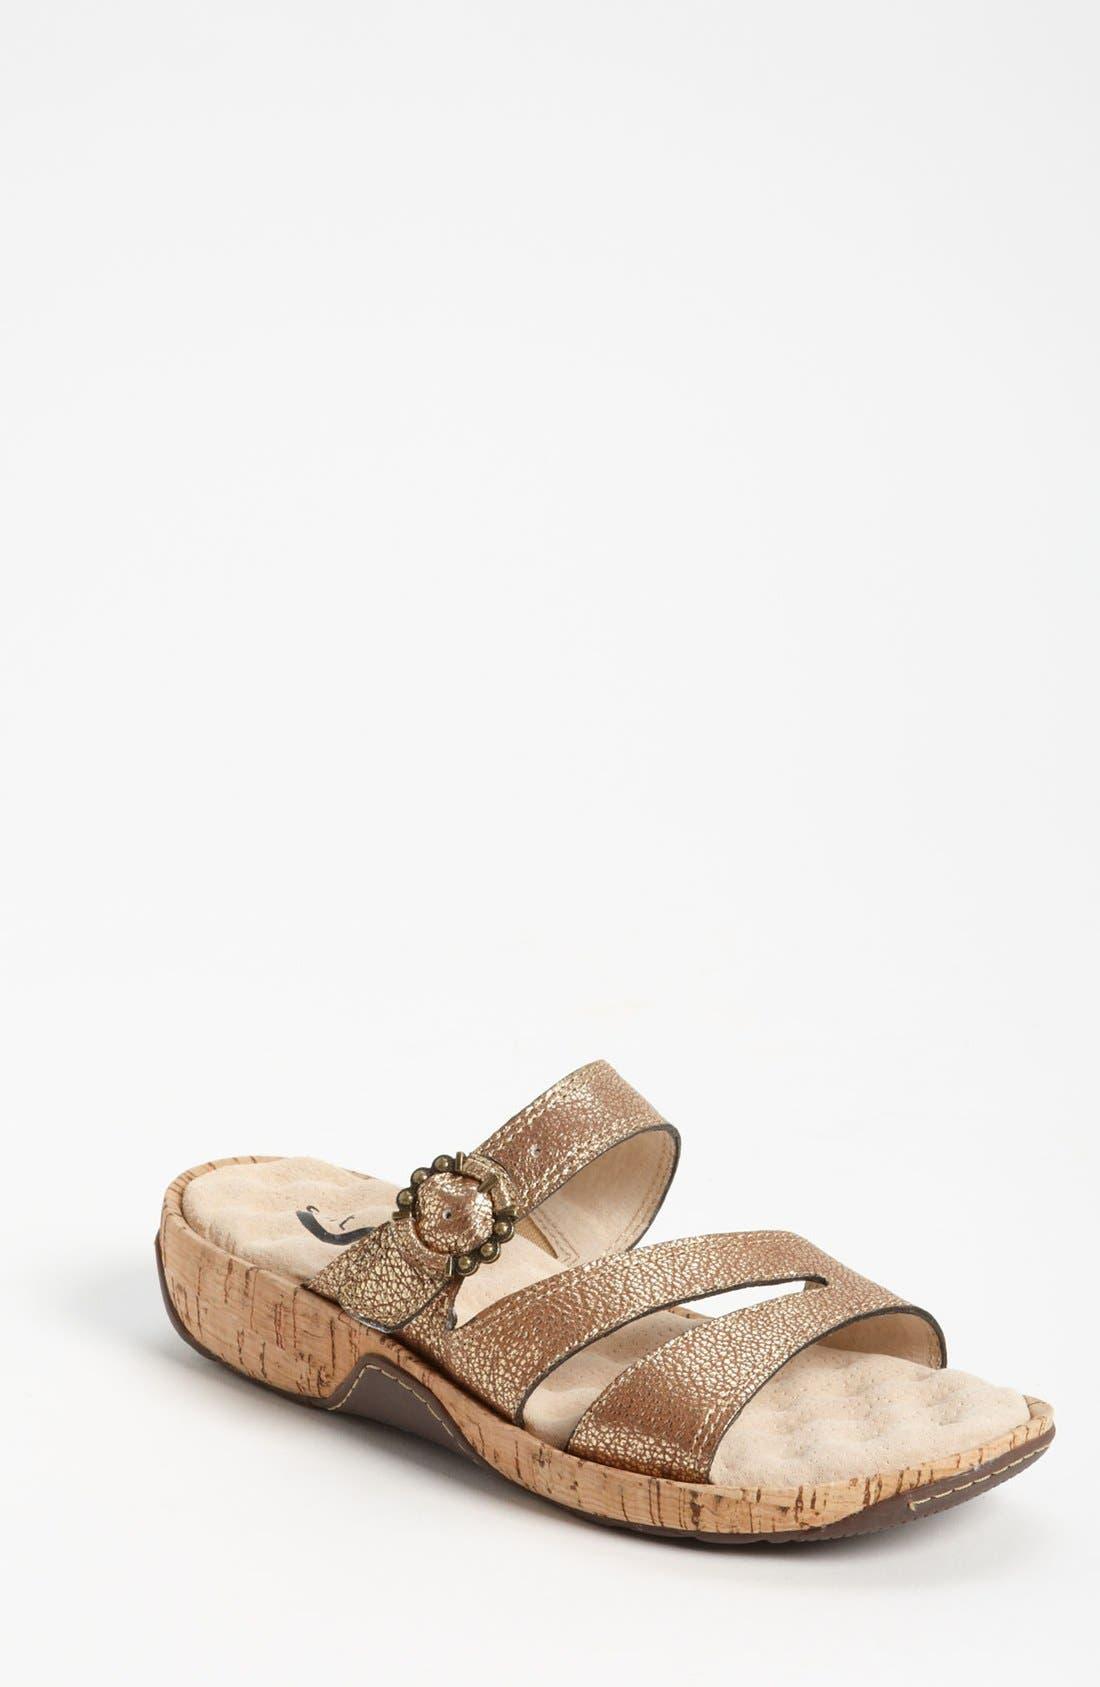 Alternate Image 1 Selected - SoftWalk® 'Bermuda' Sandal